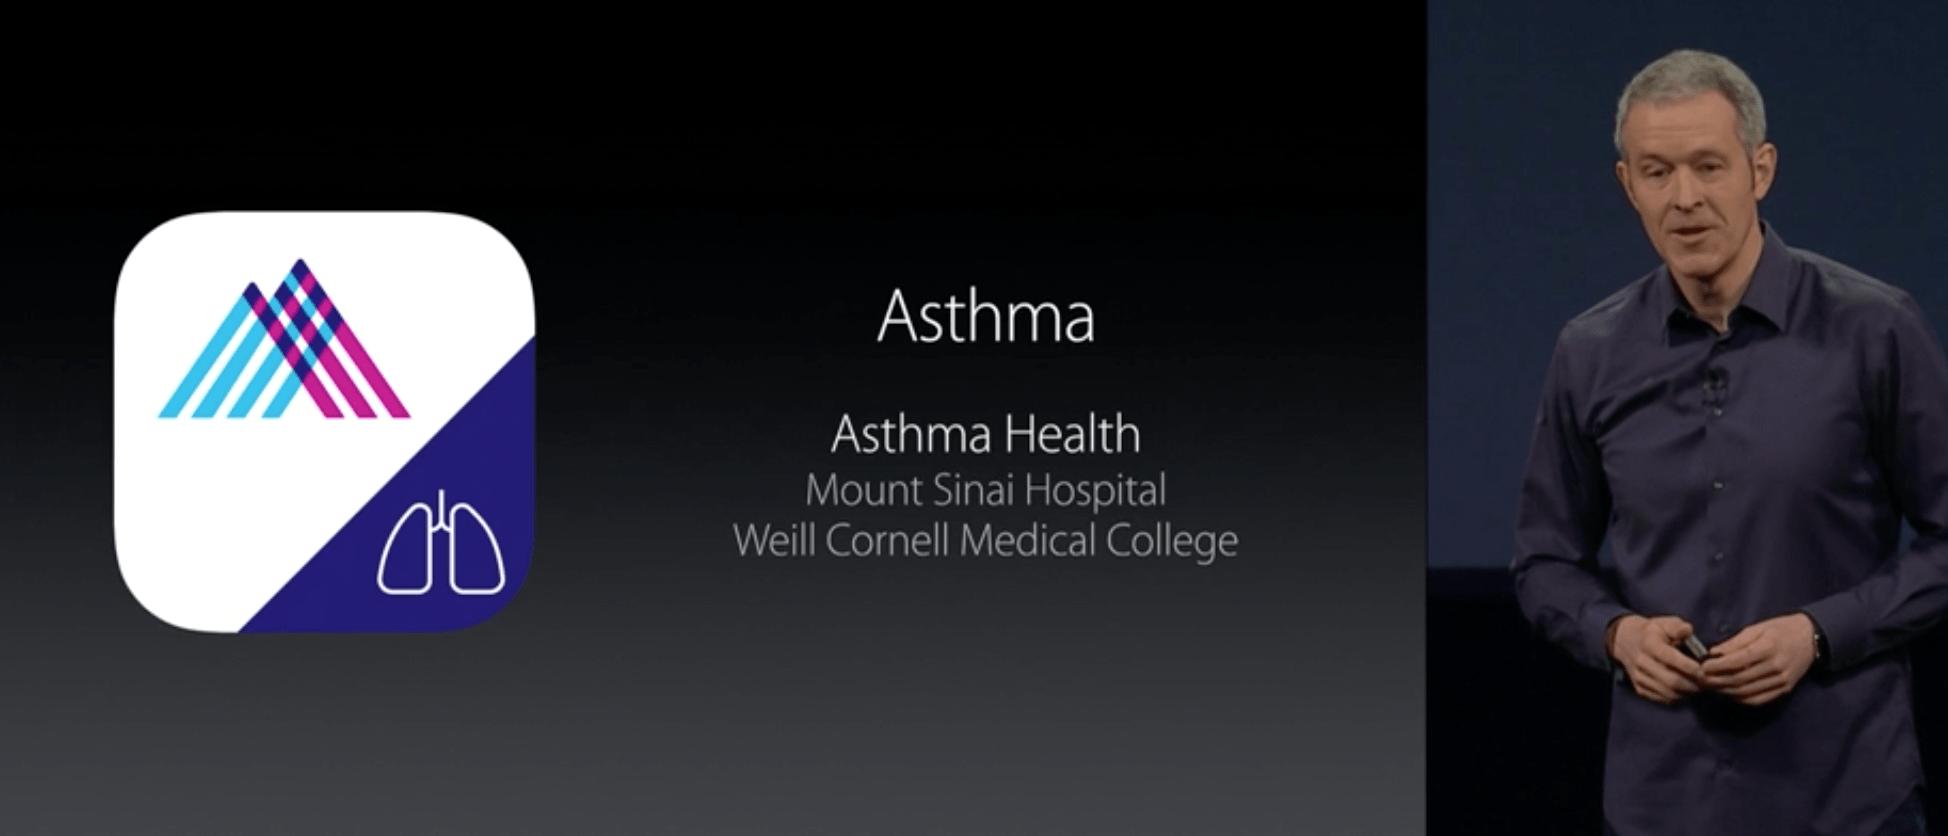 Asma Asma dan ResearchKit dalam keynote Apple